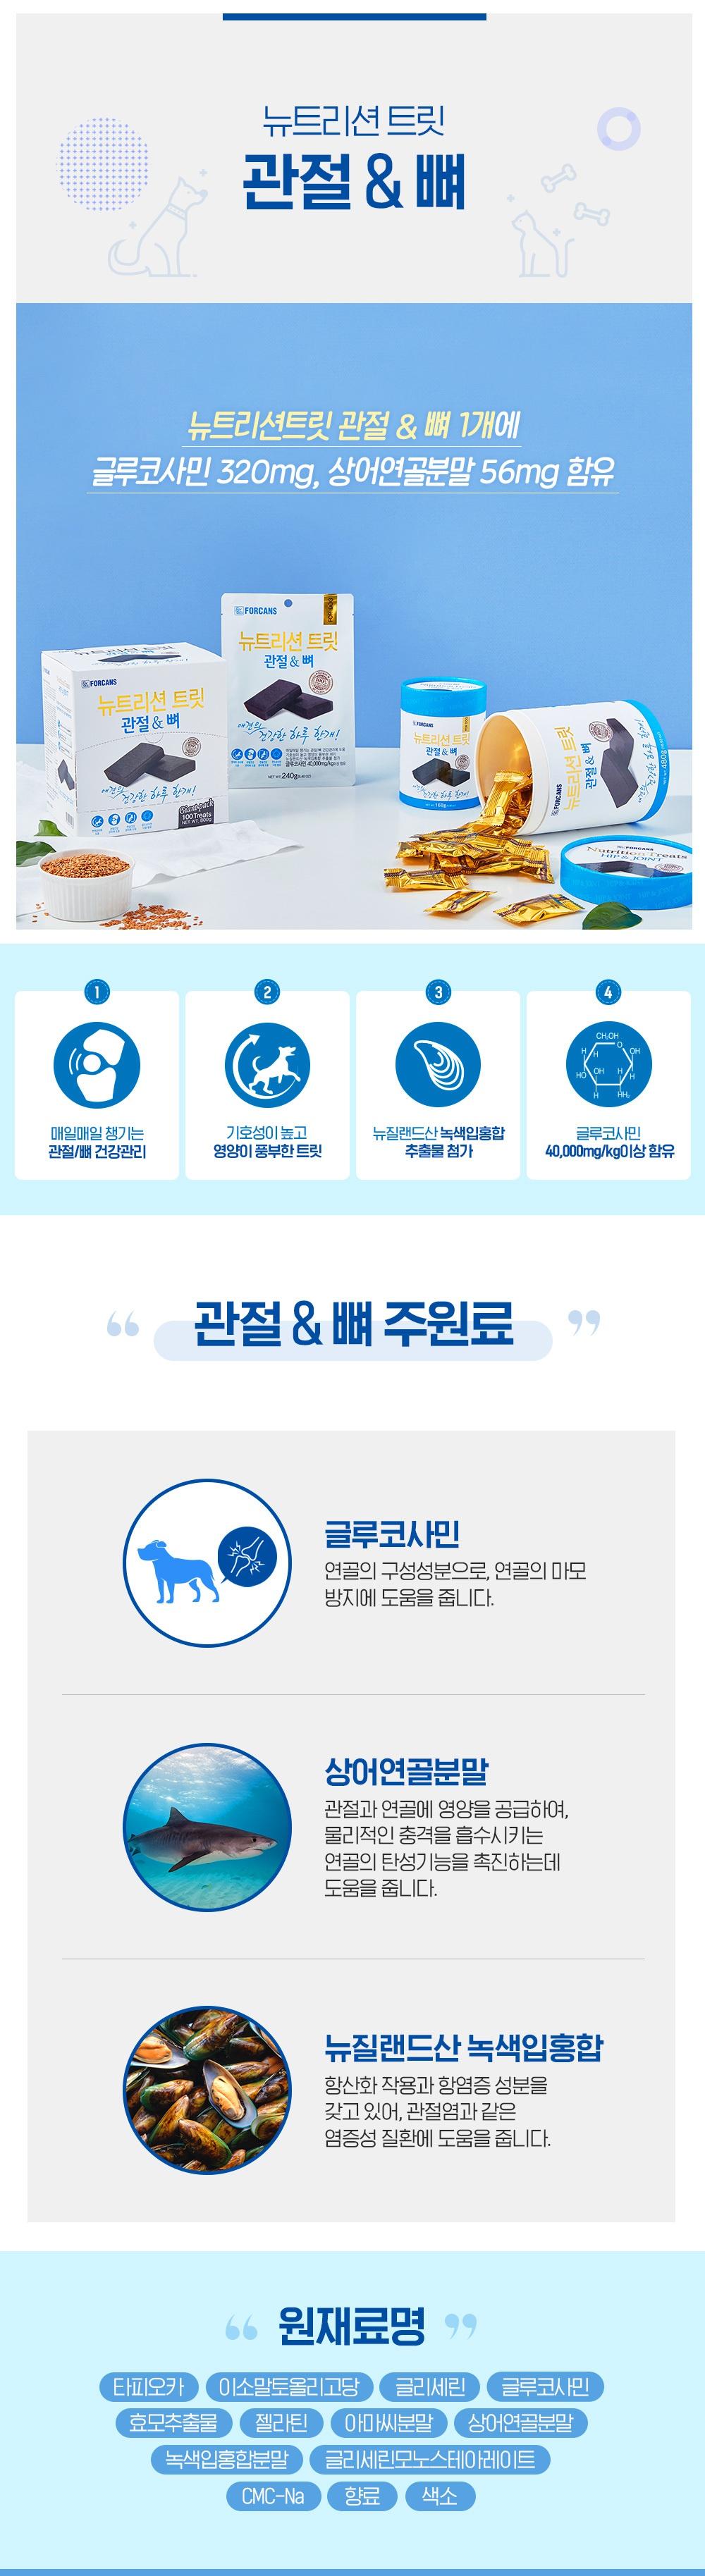 반려견 영양제 포켄스 뉴트리션 트릿 관절/면역 (240g)-상품이미지-3